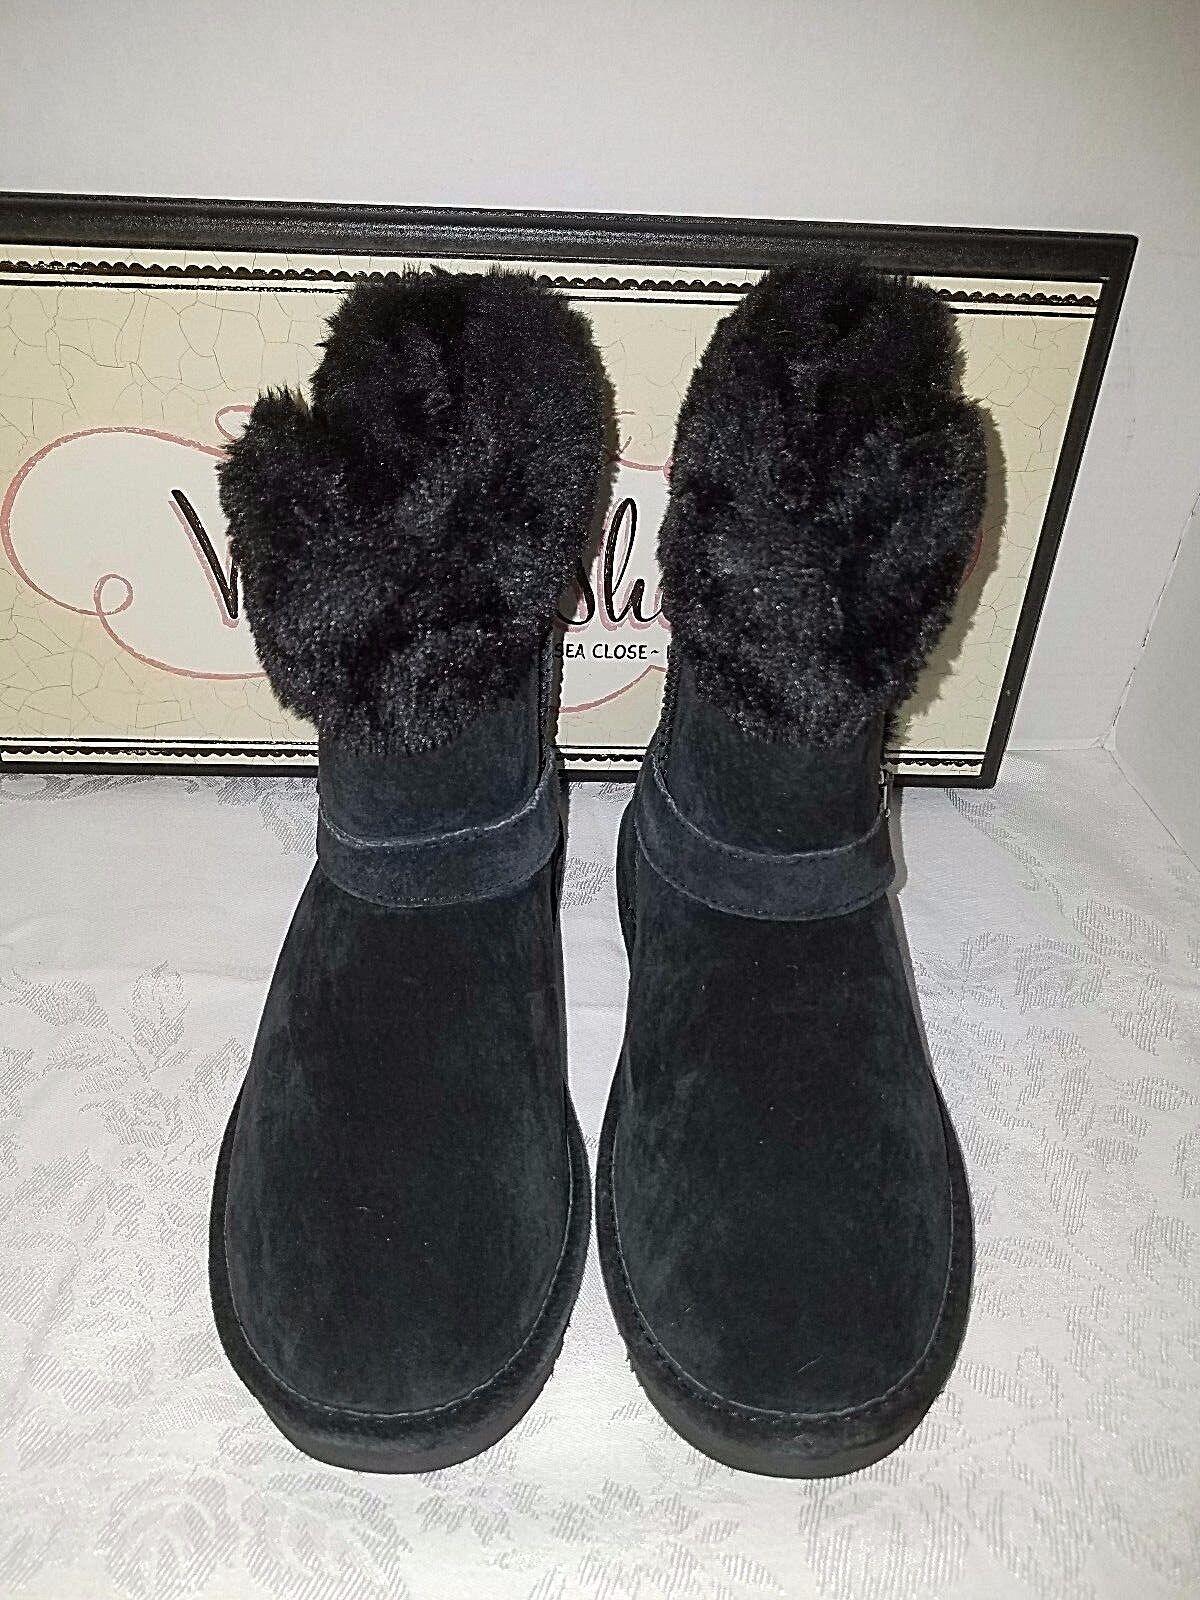 Lamo Suede Ankle Water Resistant Boots Faux Fur Cresson Black SIZE 6 Mediium